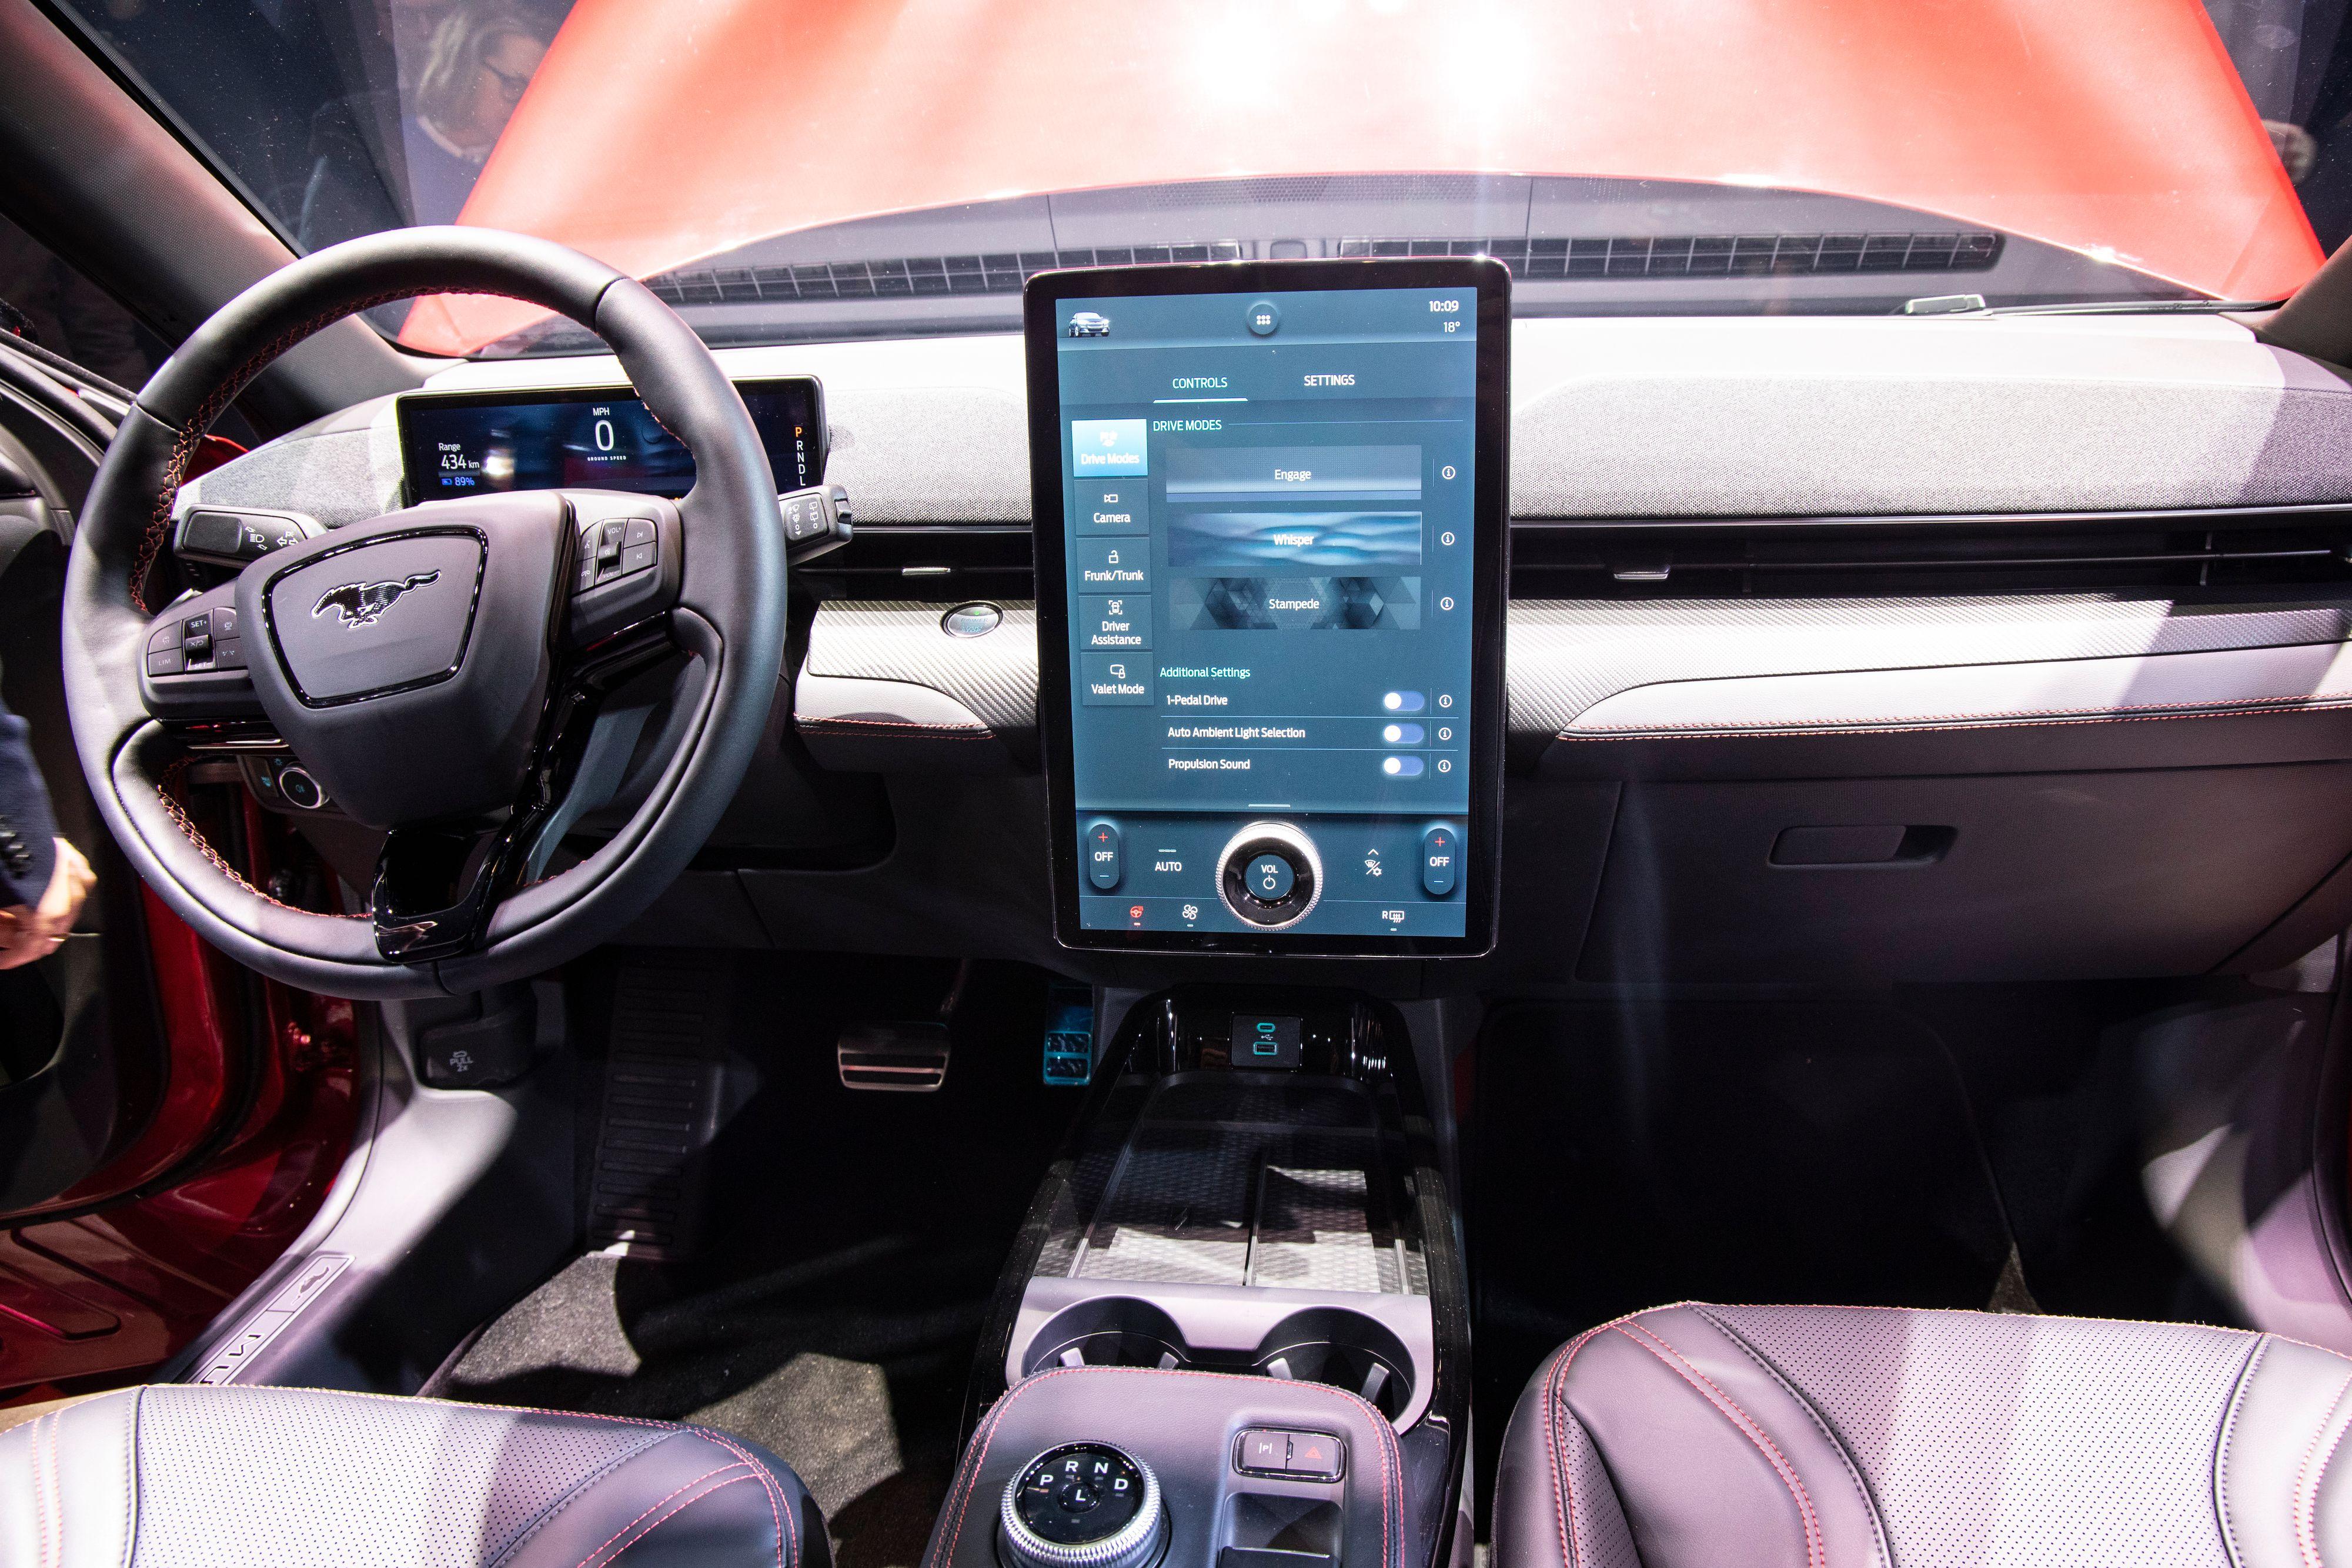 Førermiljøet preges av den store skjermen i midten, men Ford har også fått plass til et digitalt instrumentpanel.